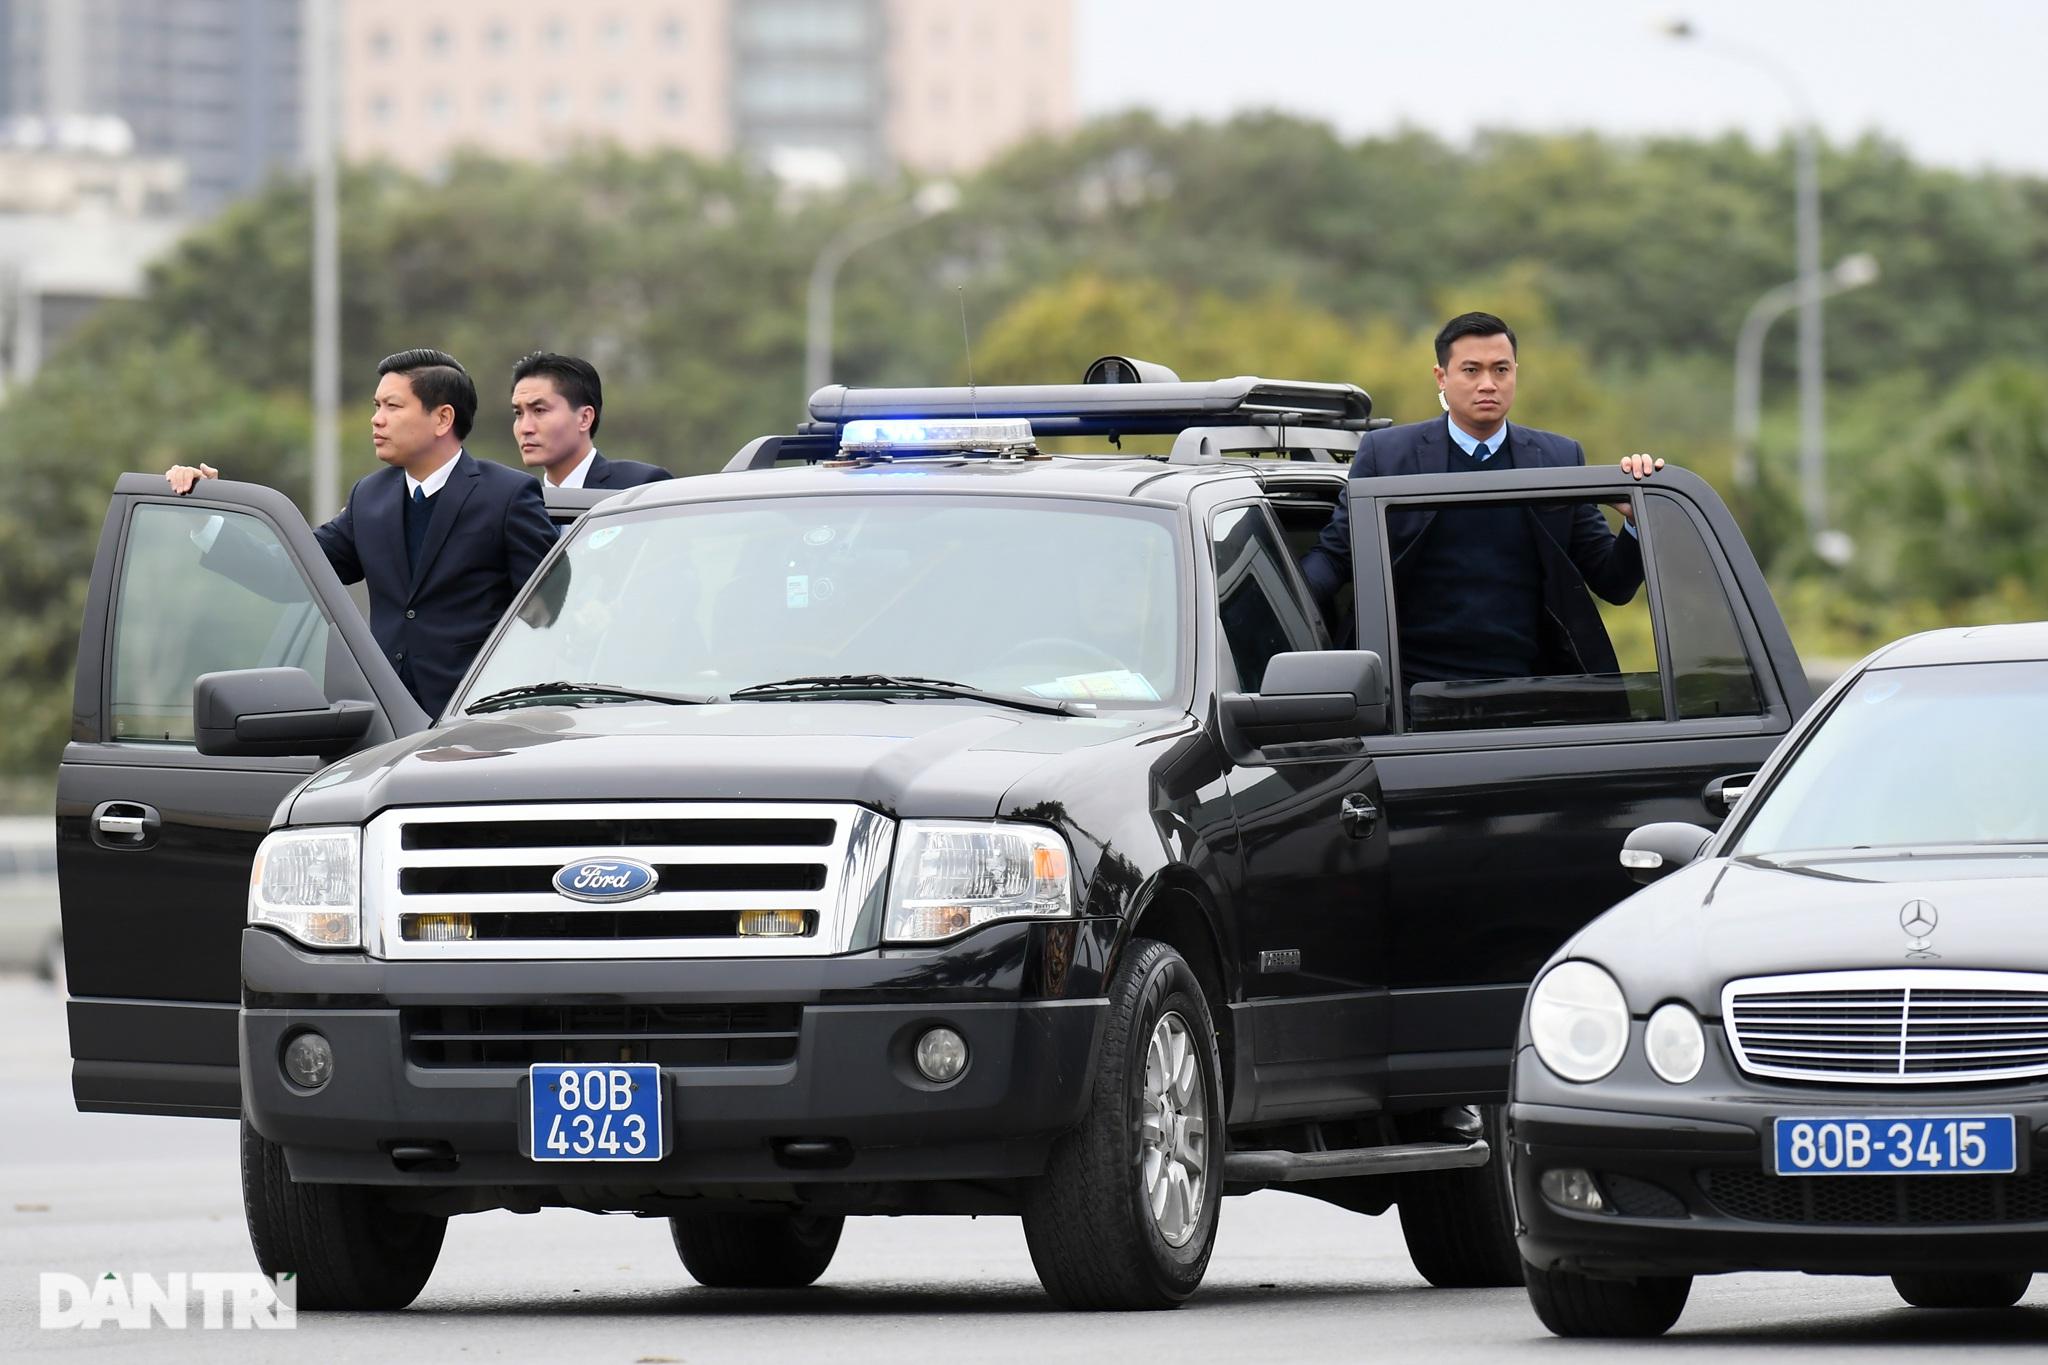 Diễn tập phòng chống khủng bố, bảo vệ nguyên thủ trước thềm Đại hội Đảng - 3